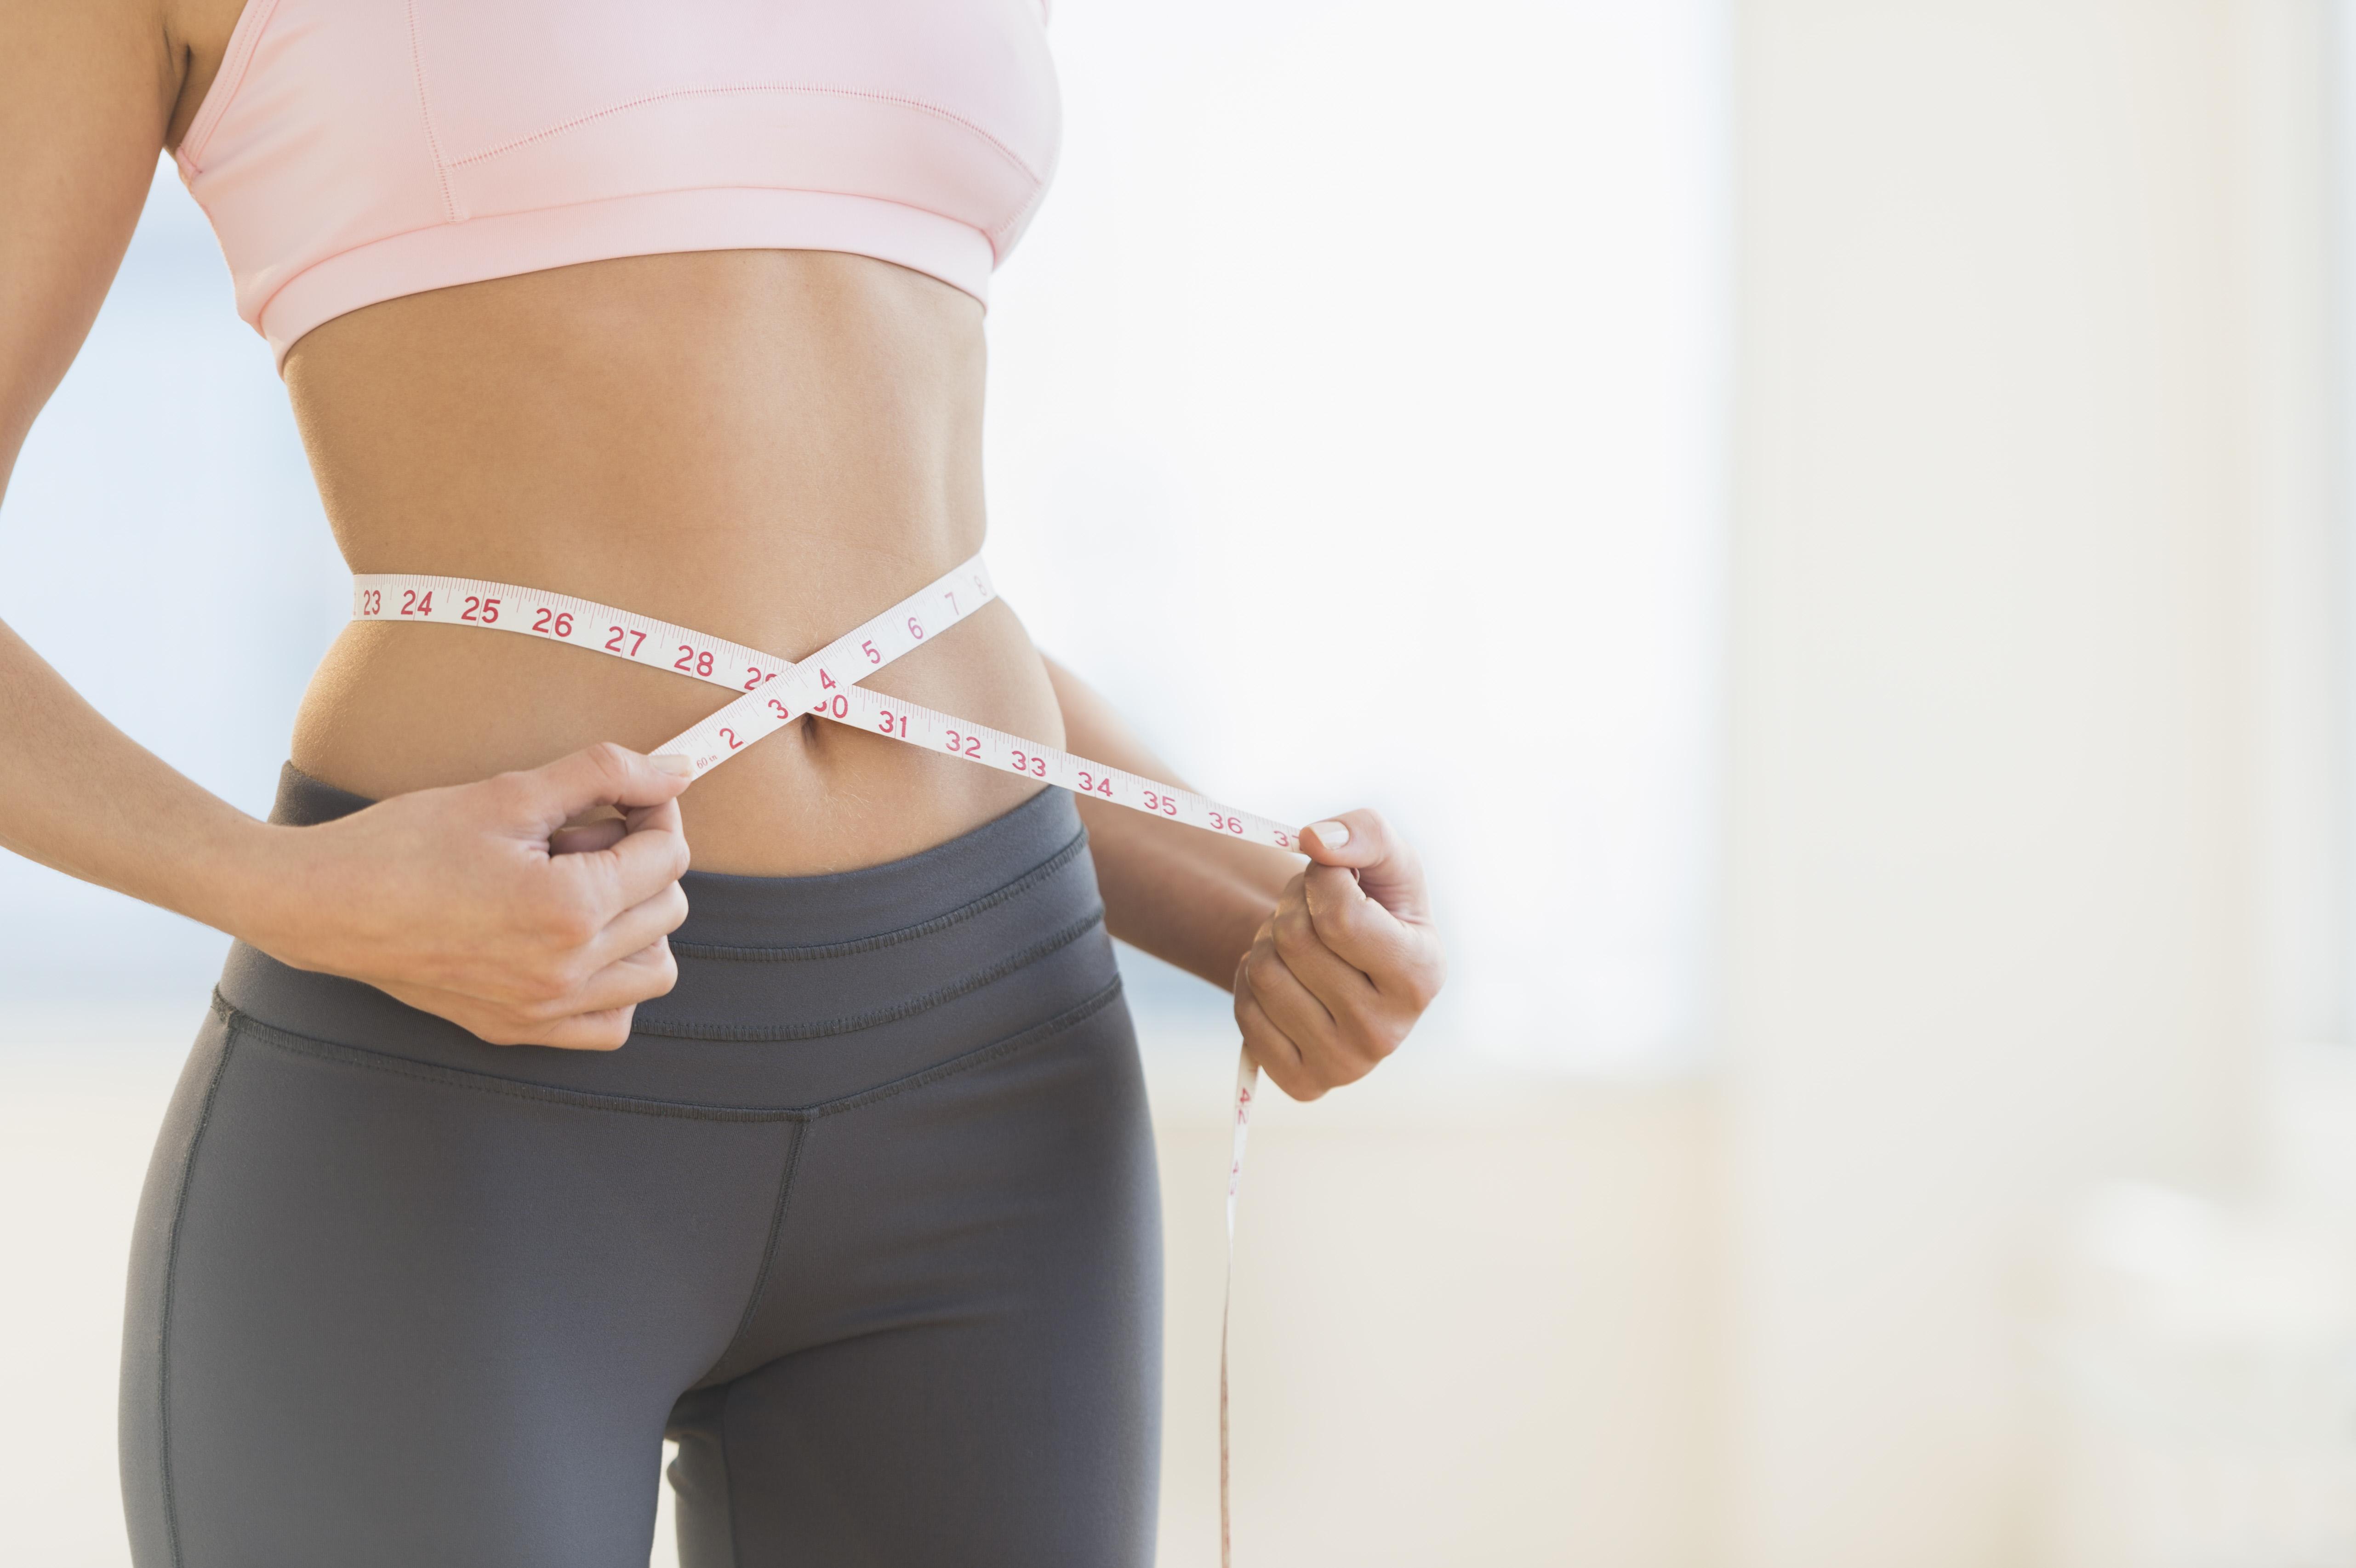 Dieta Indiană – Minus 9 kg în 7 zile, fără mult efort și daune organismului